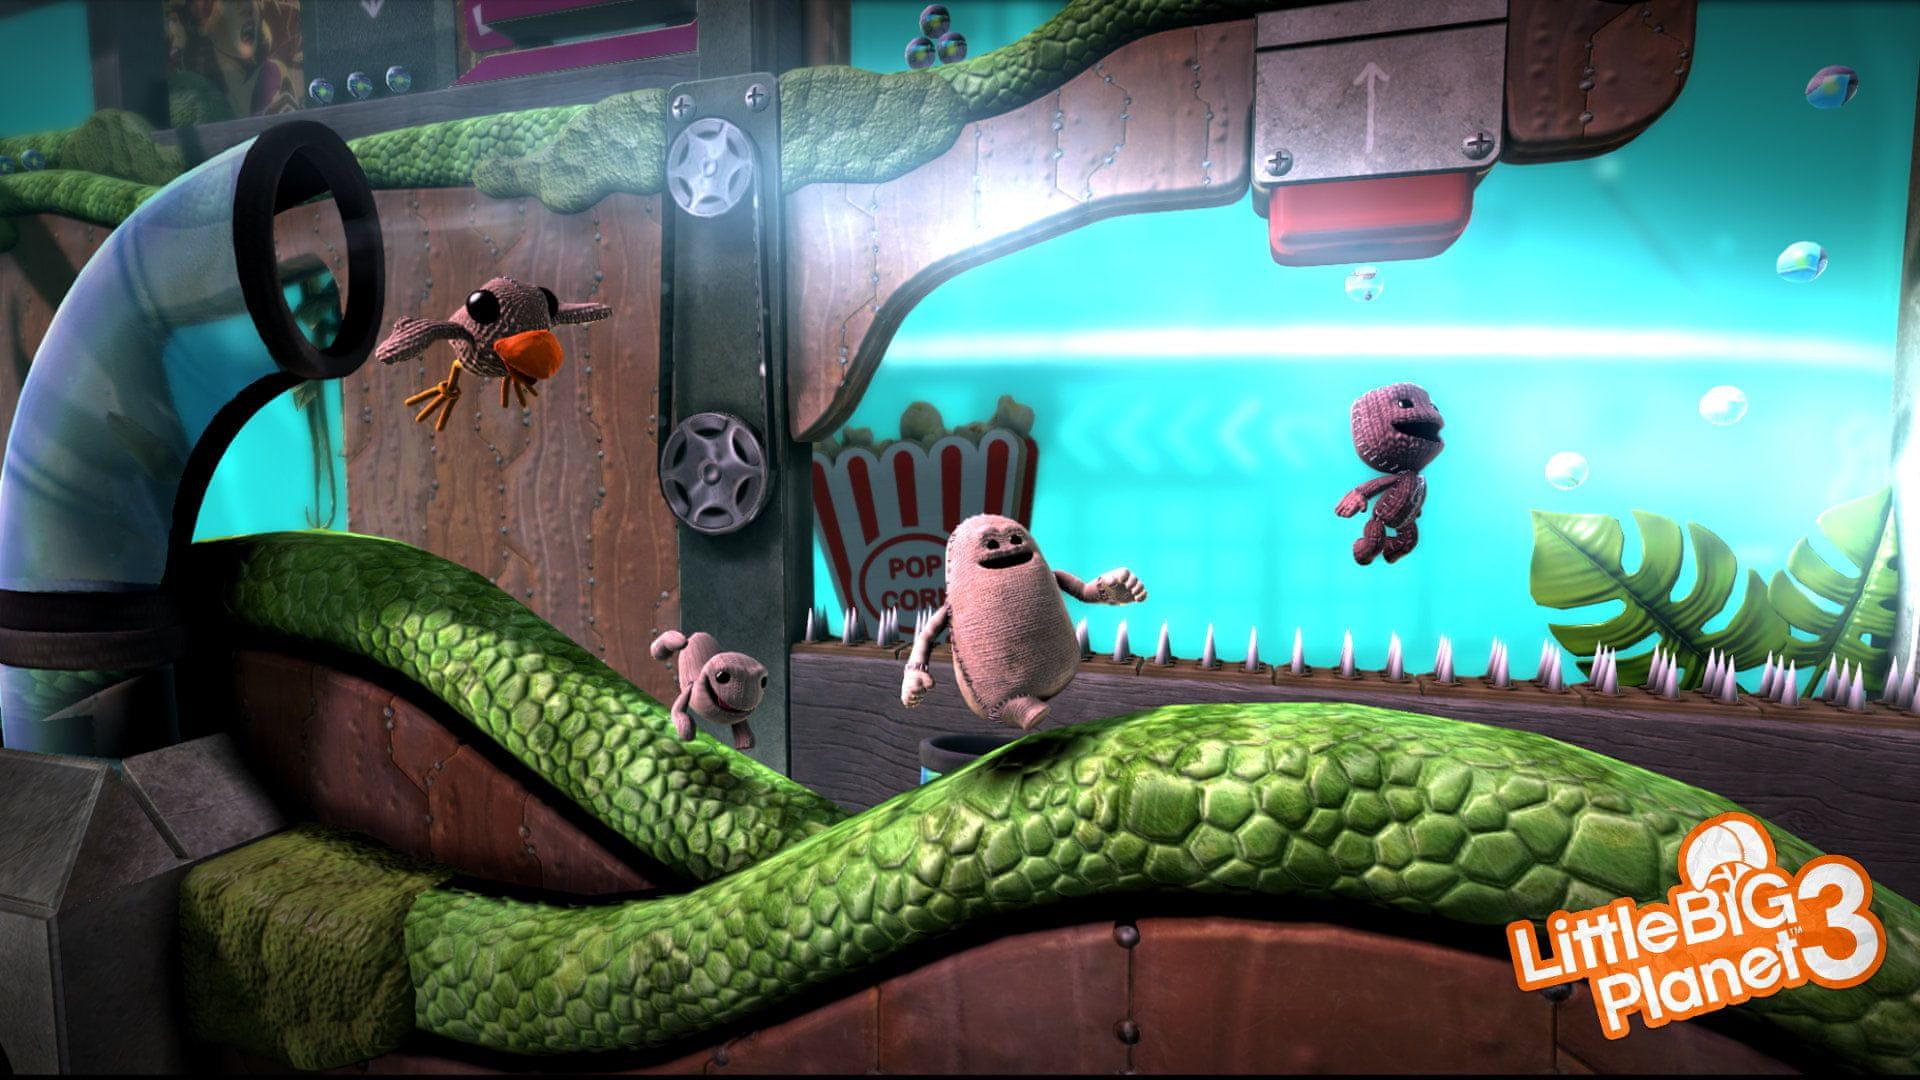 Výsledek obrázku pro LittleBigPlanet 3